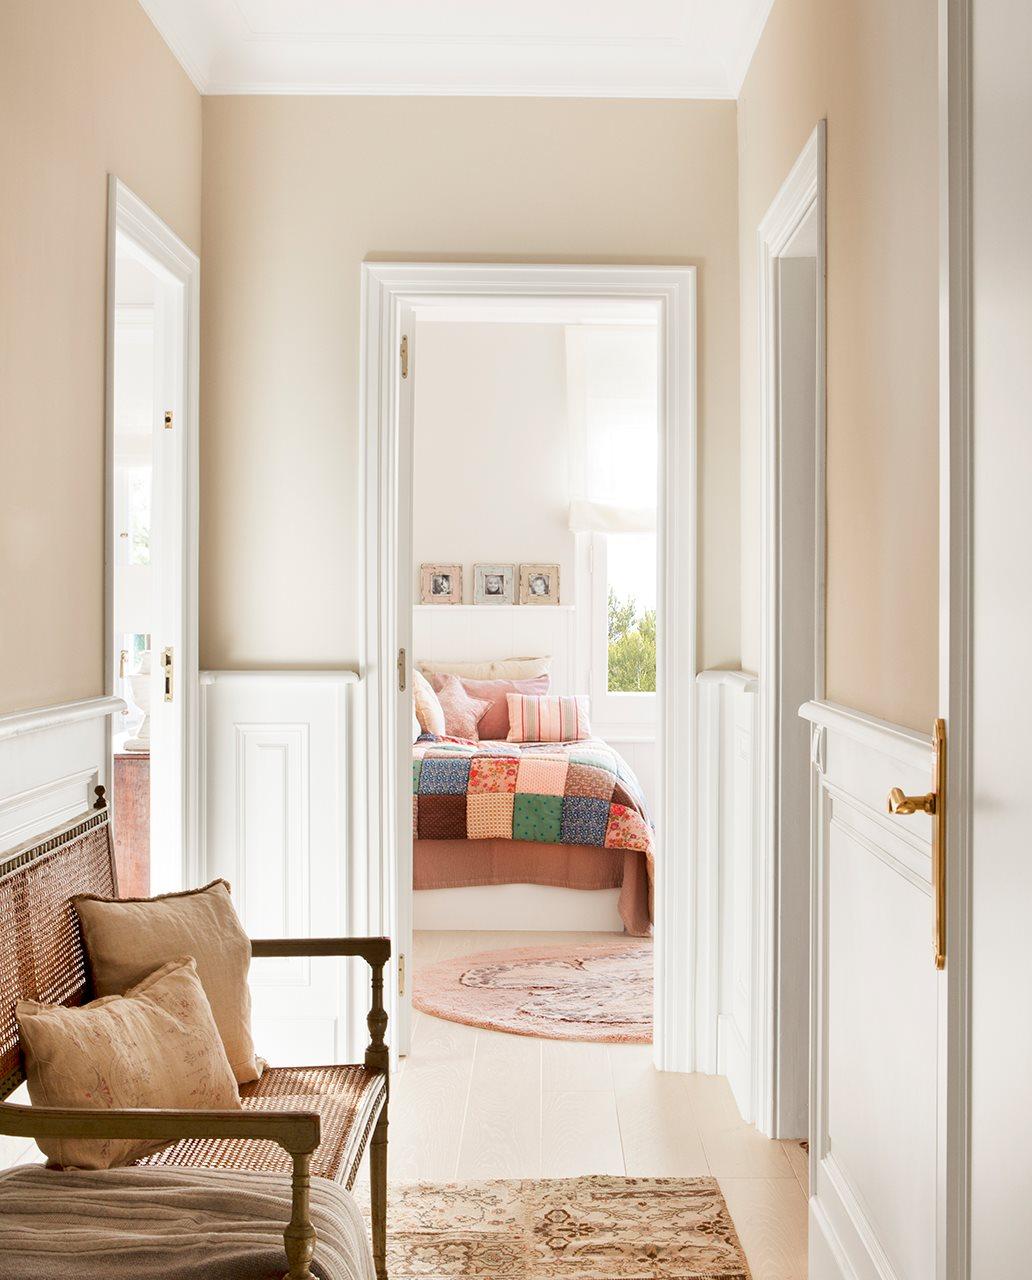 Colores para pintar el pasillo pasillos with colores para pintar el pasillo latest bonita - Gama de colores para pintar paredes de pasillos ...